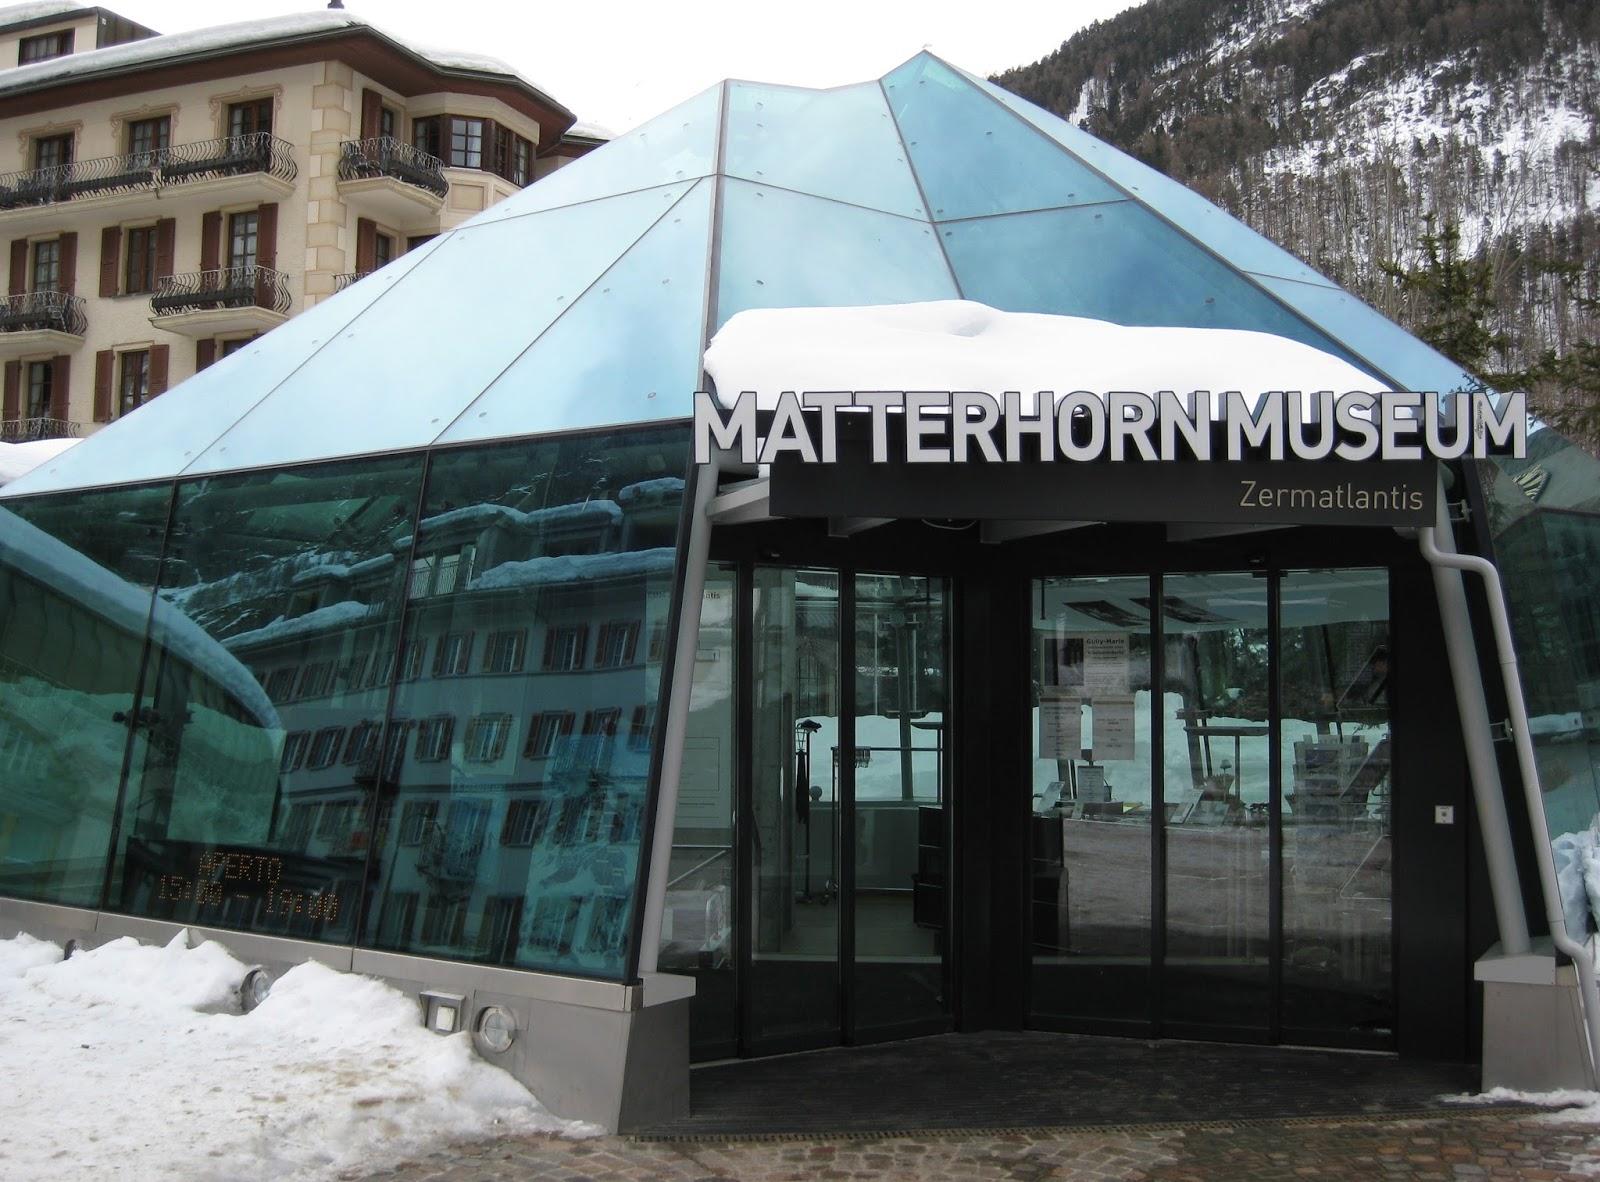 Matterhorn Museum - Zermatt